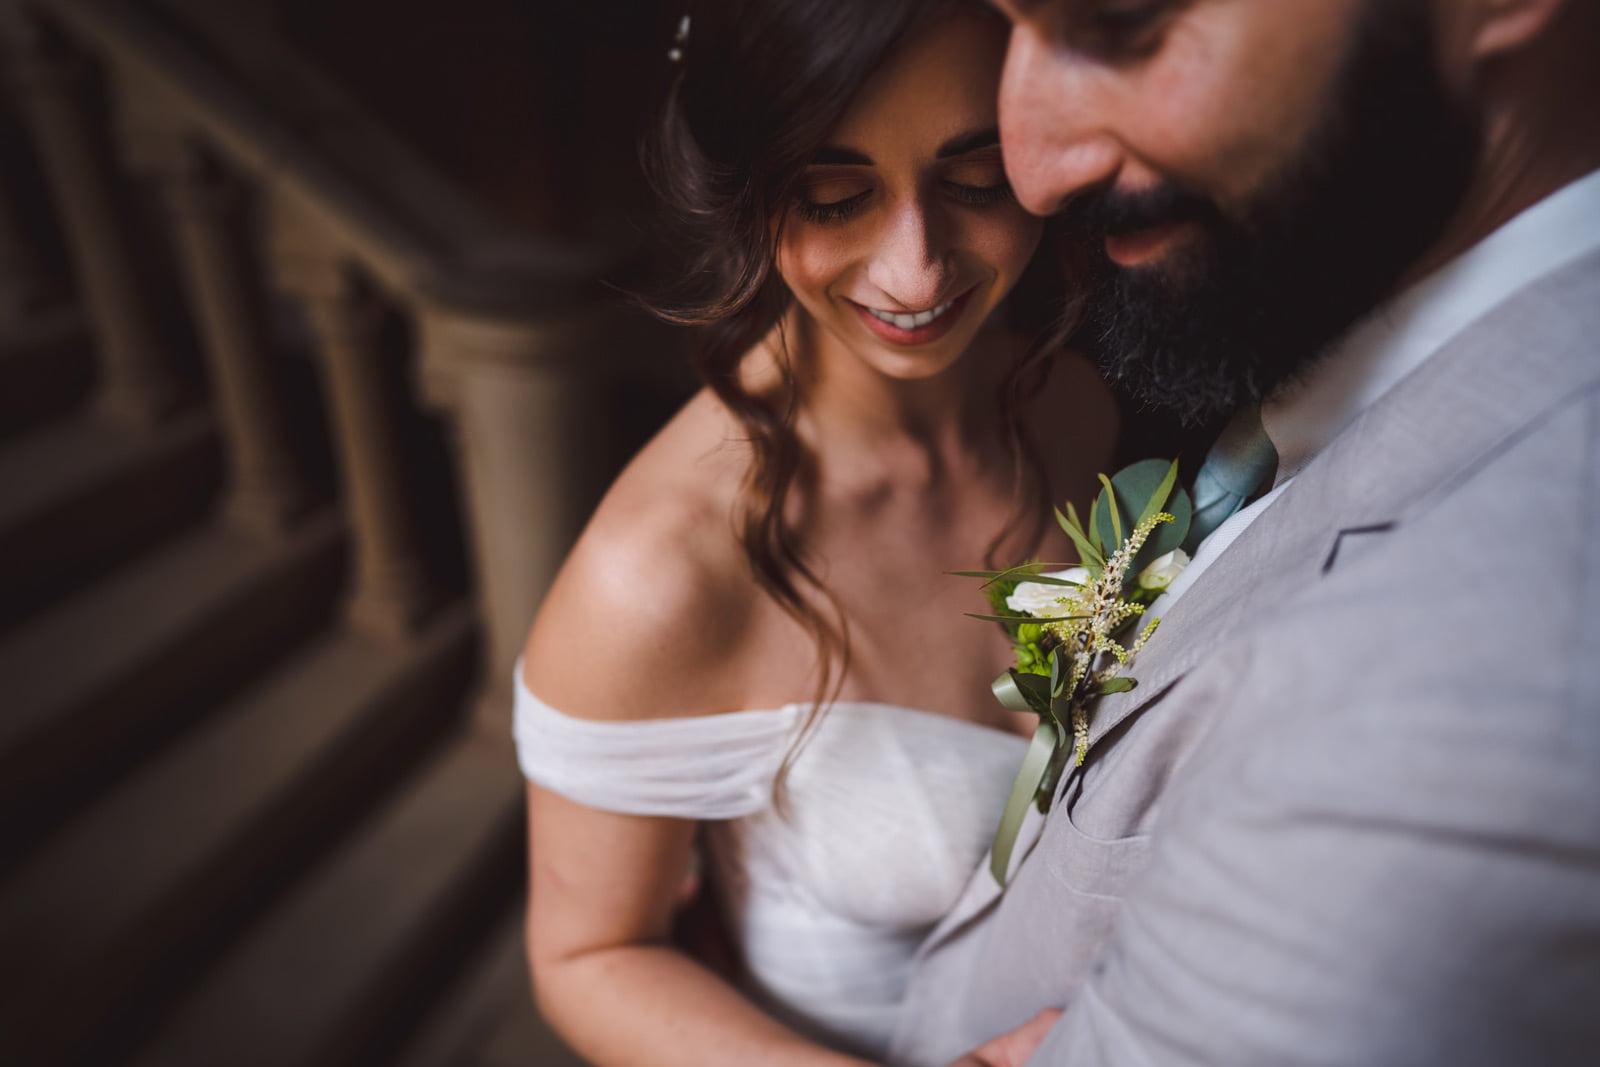 Intimate Wedding at Poppi, Tuscany, Intimate Wedding at Poppi in Tuscany, Federico Pannacci